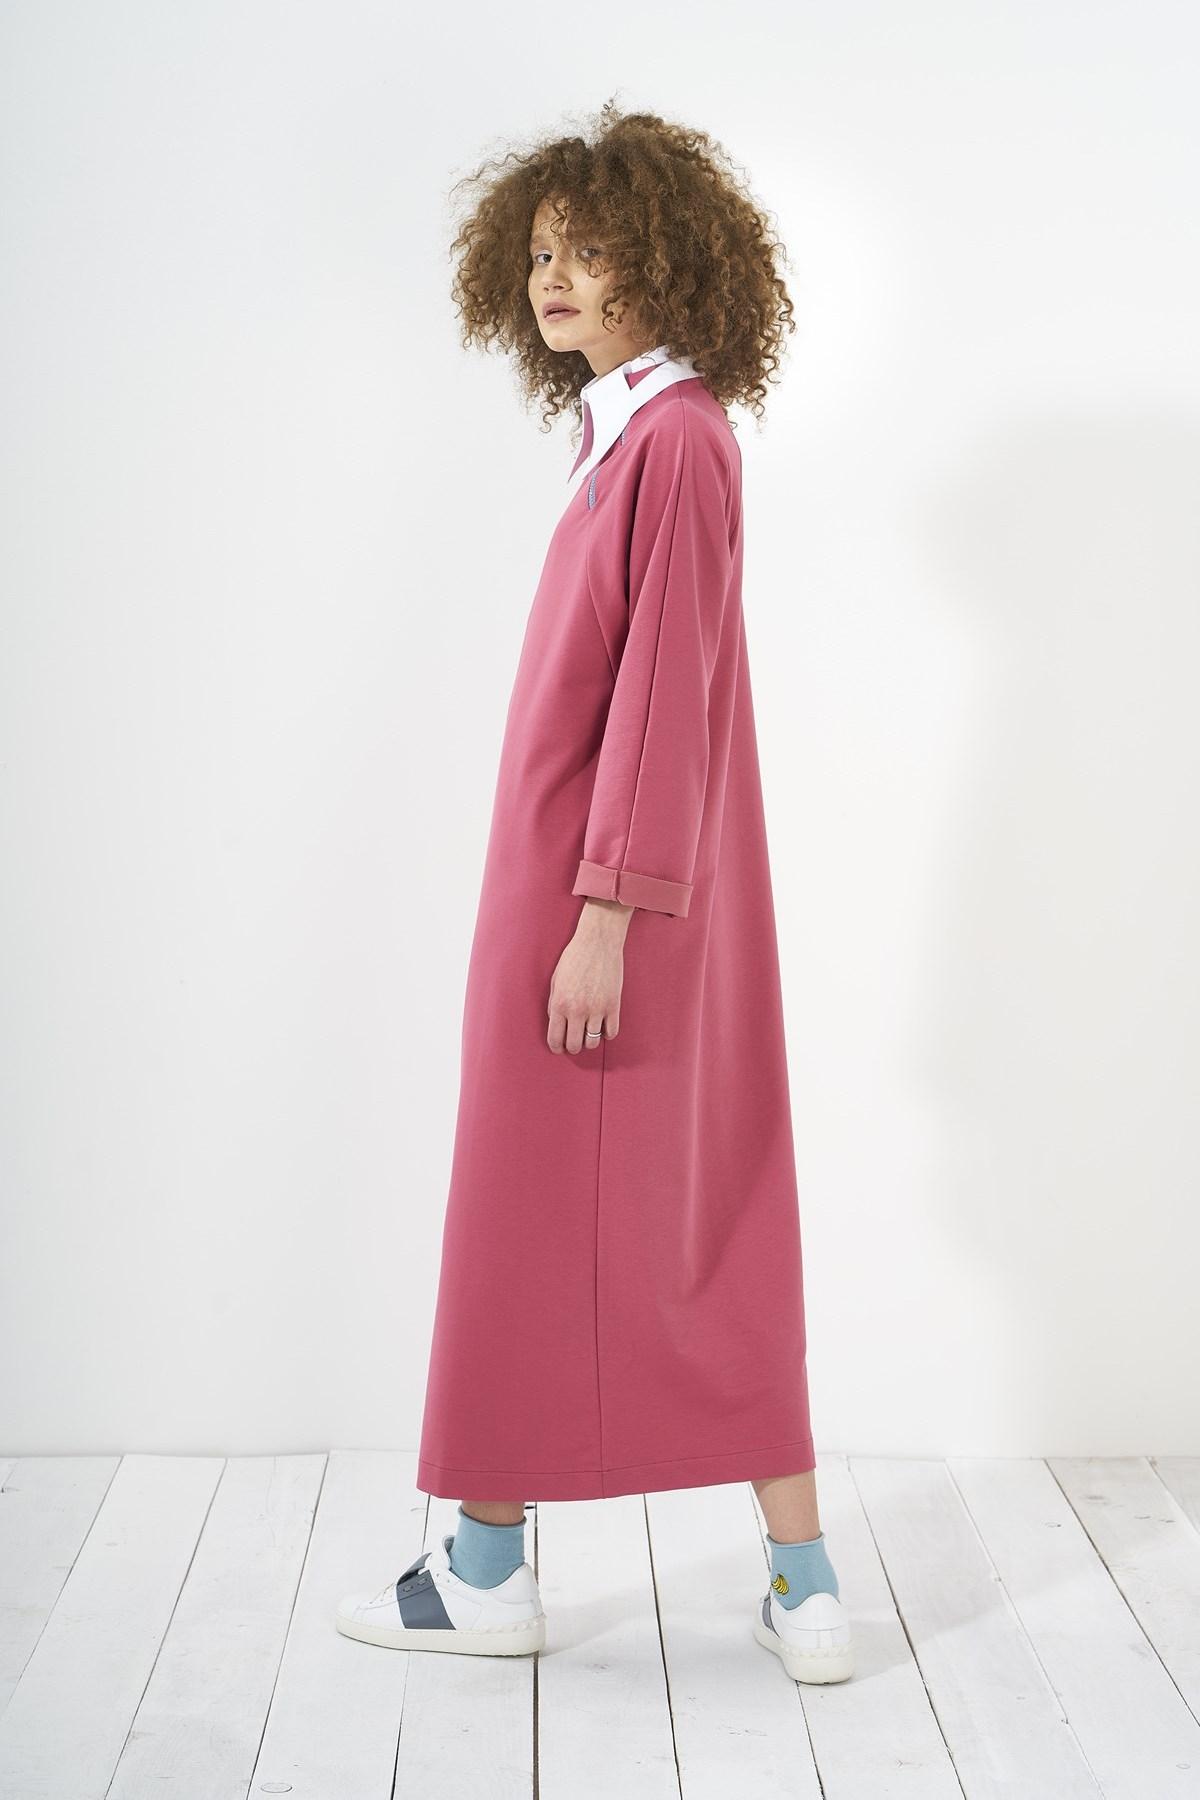 Mevra - Yaka Fermuarlı Elbise Gül Kurusu